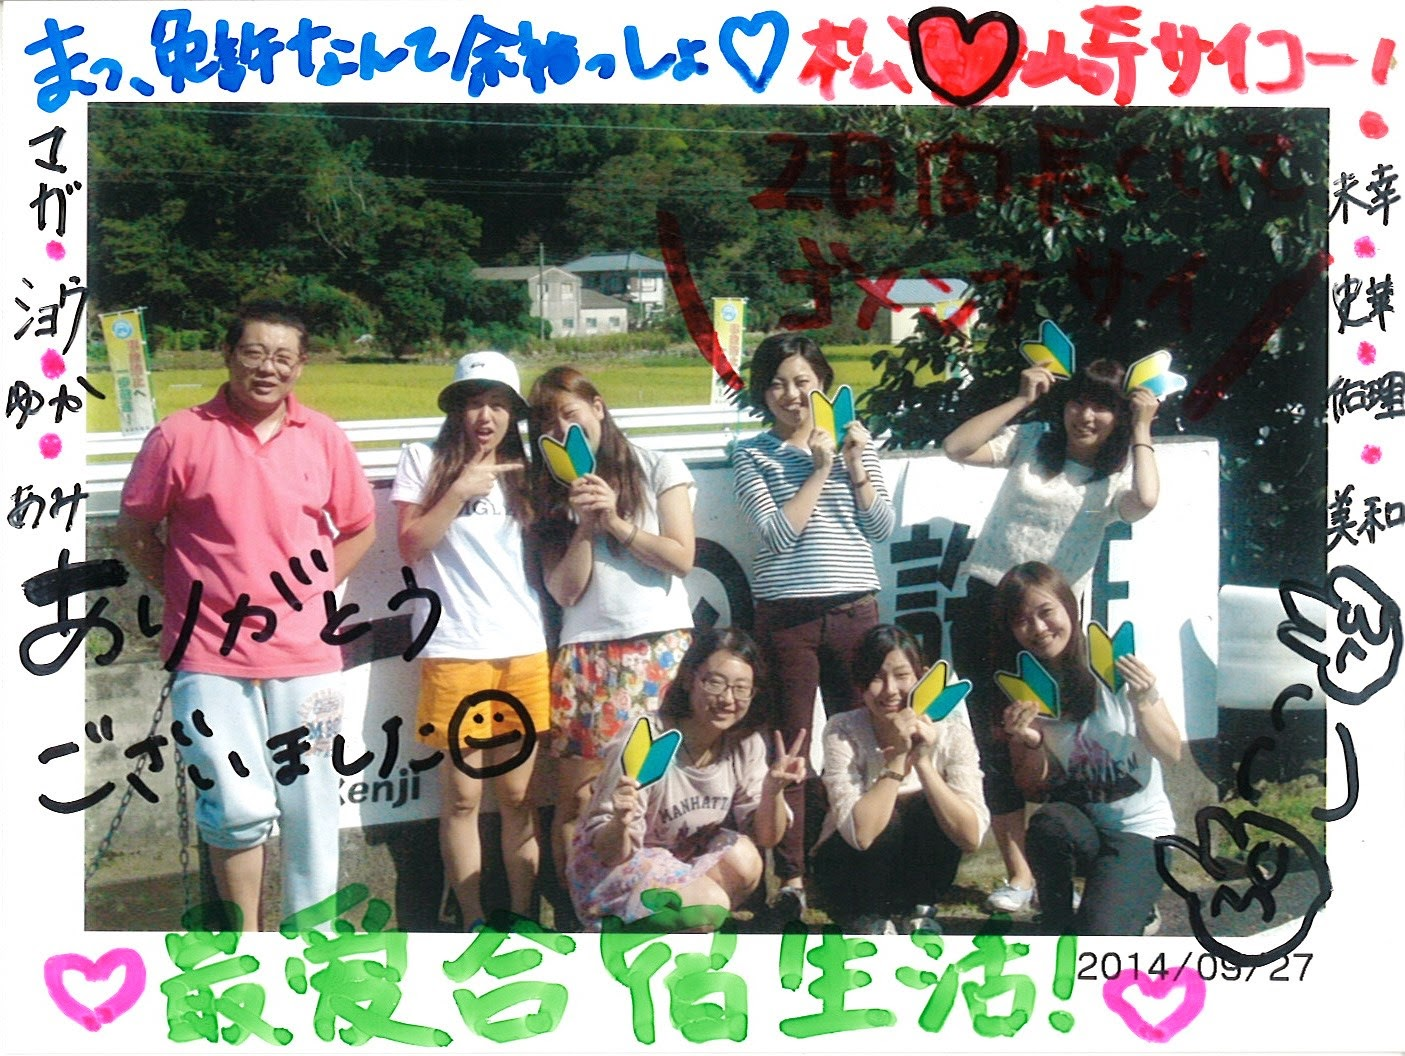 静岡県自動車学校 松崎校ブログ:...